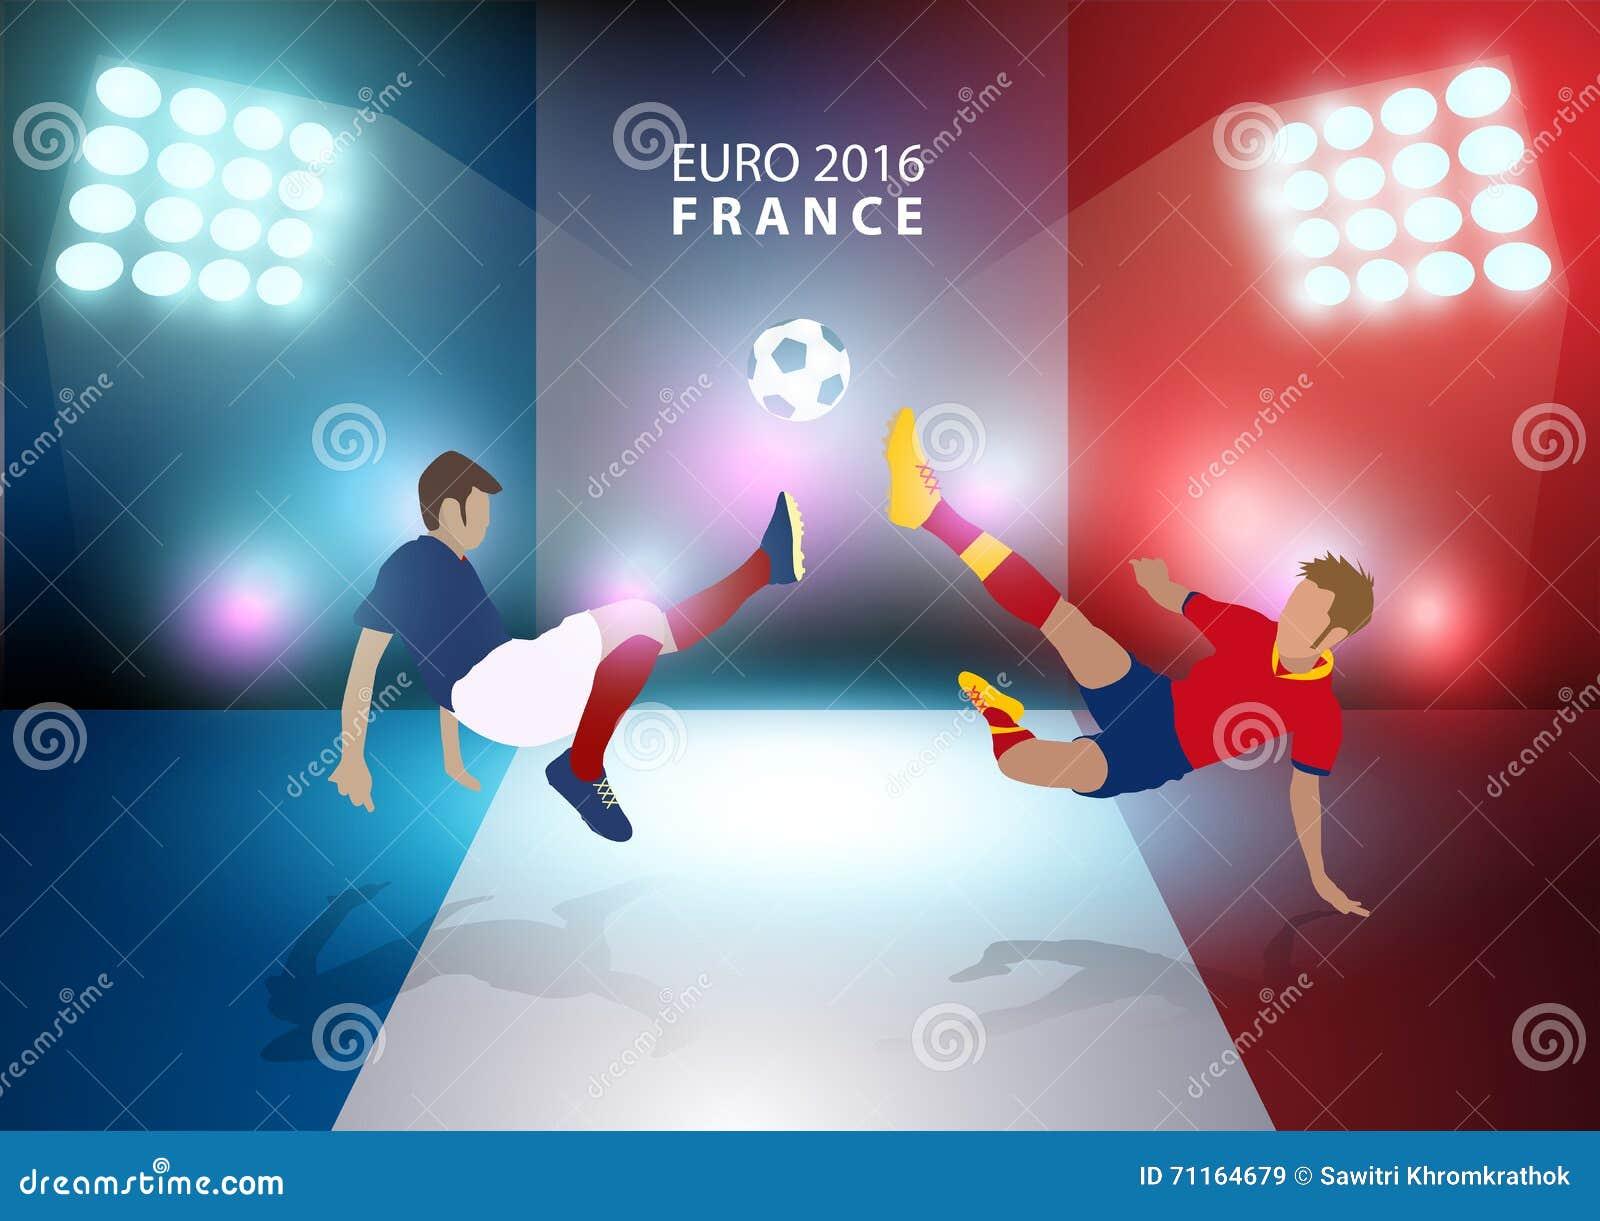 Wektorowego euro Francja 2016 futbolowy mistrzostwo z graczami piłki nożnej